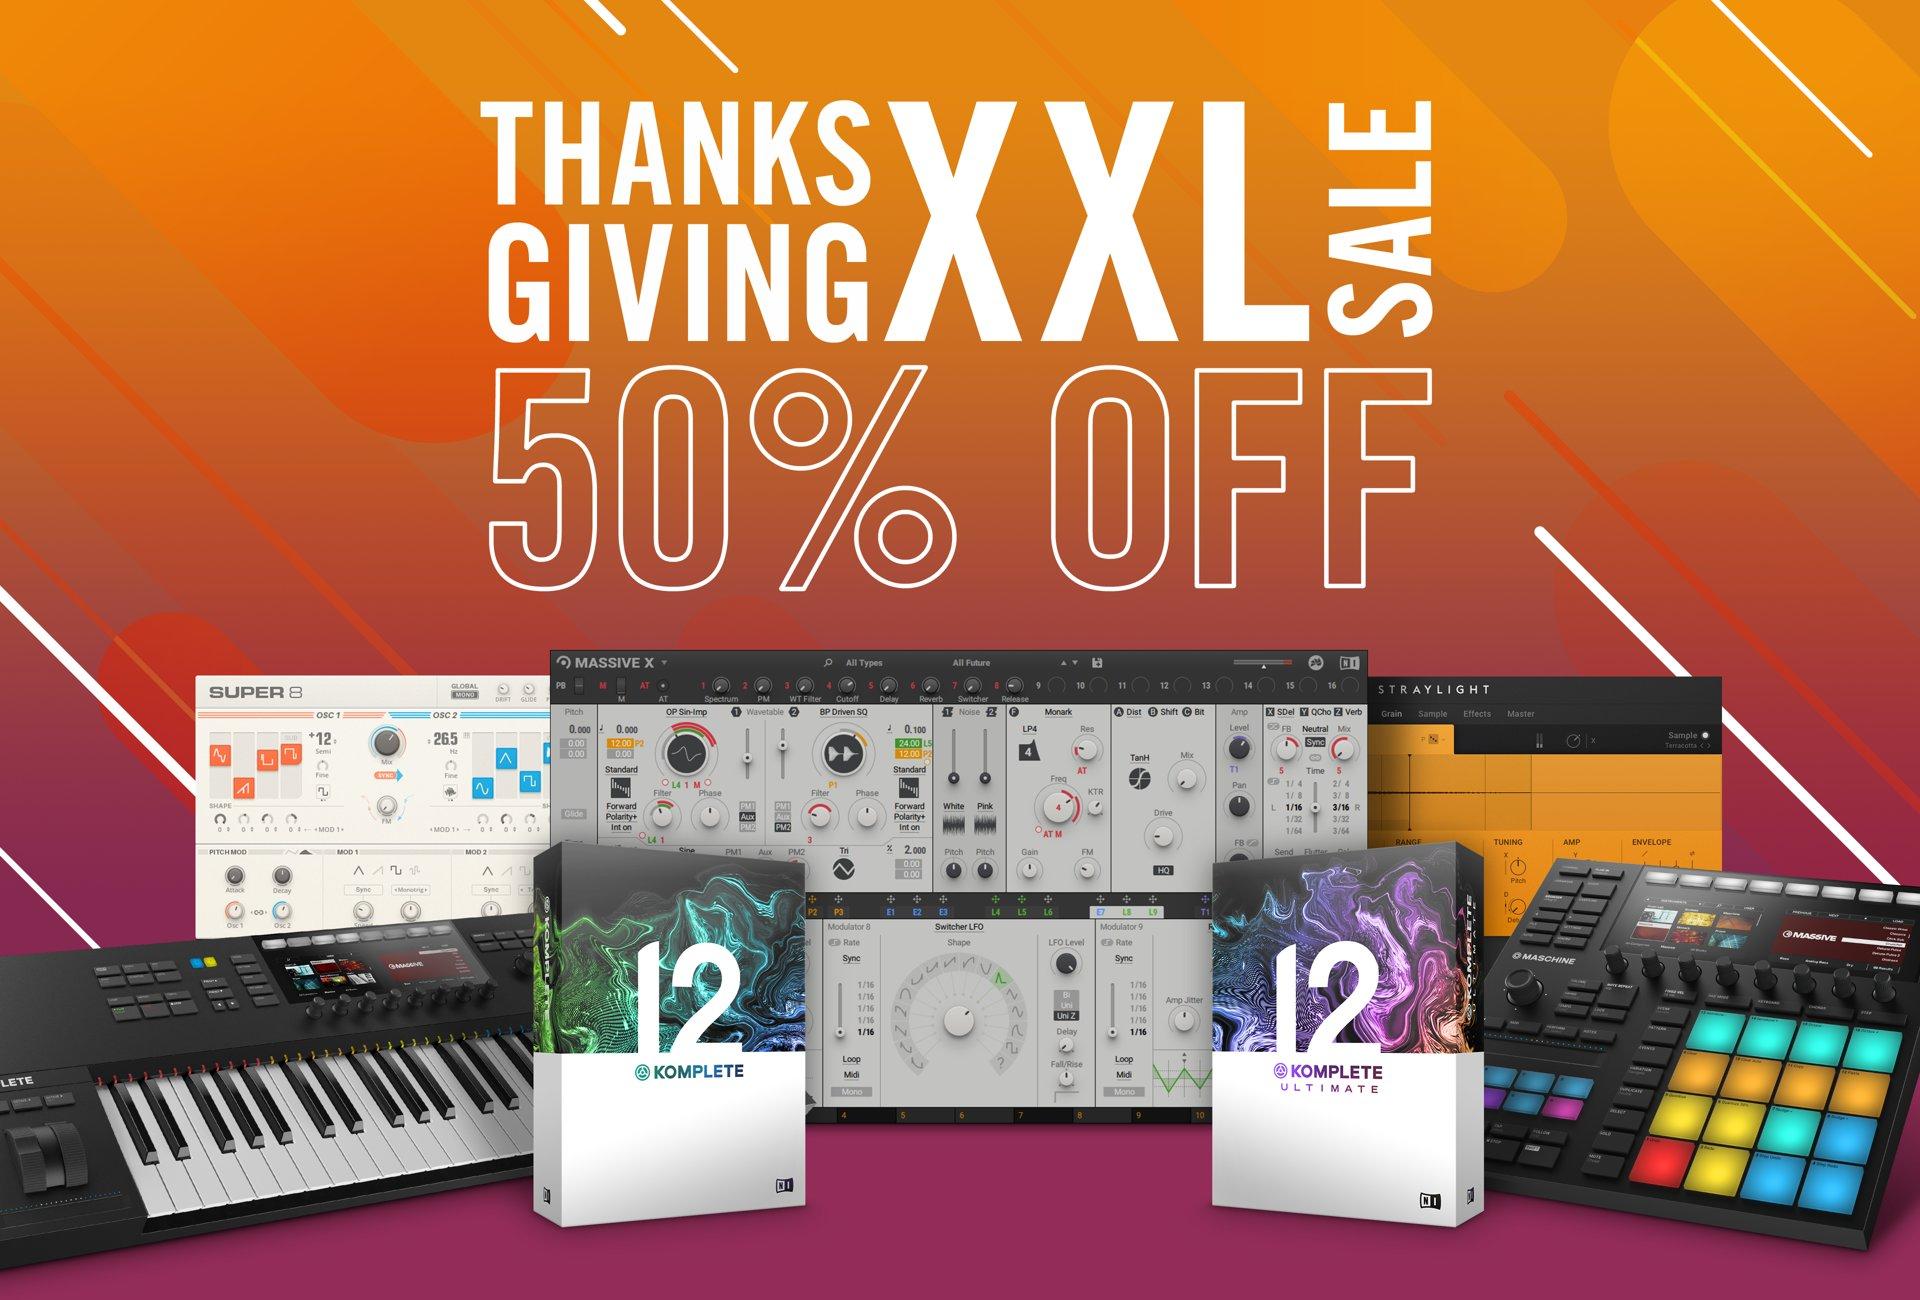 50% korting op veel artikelen (software & hardware) bij Native Instruments